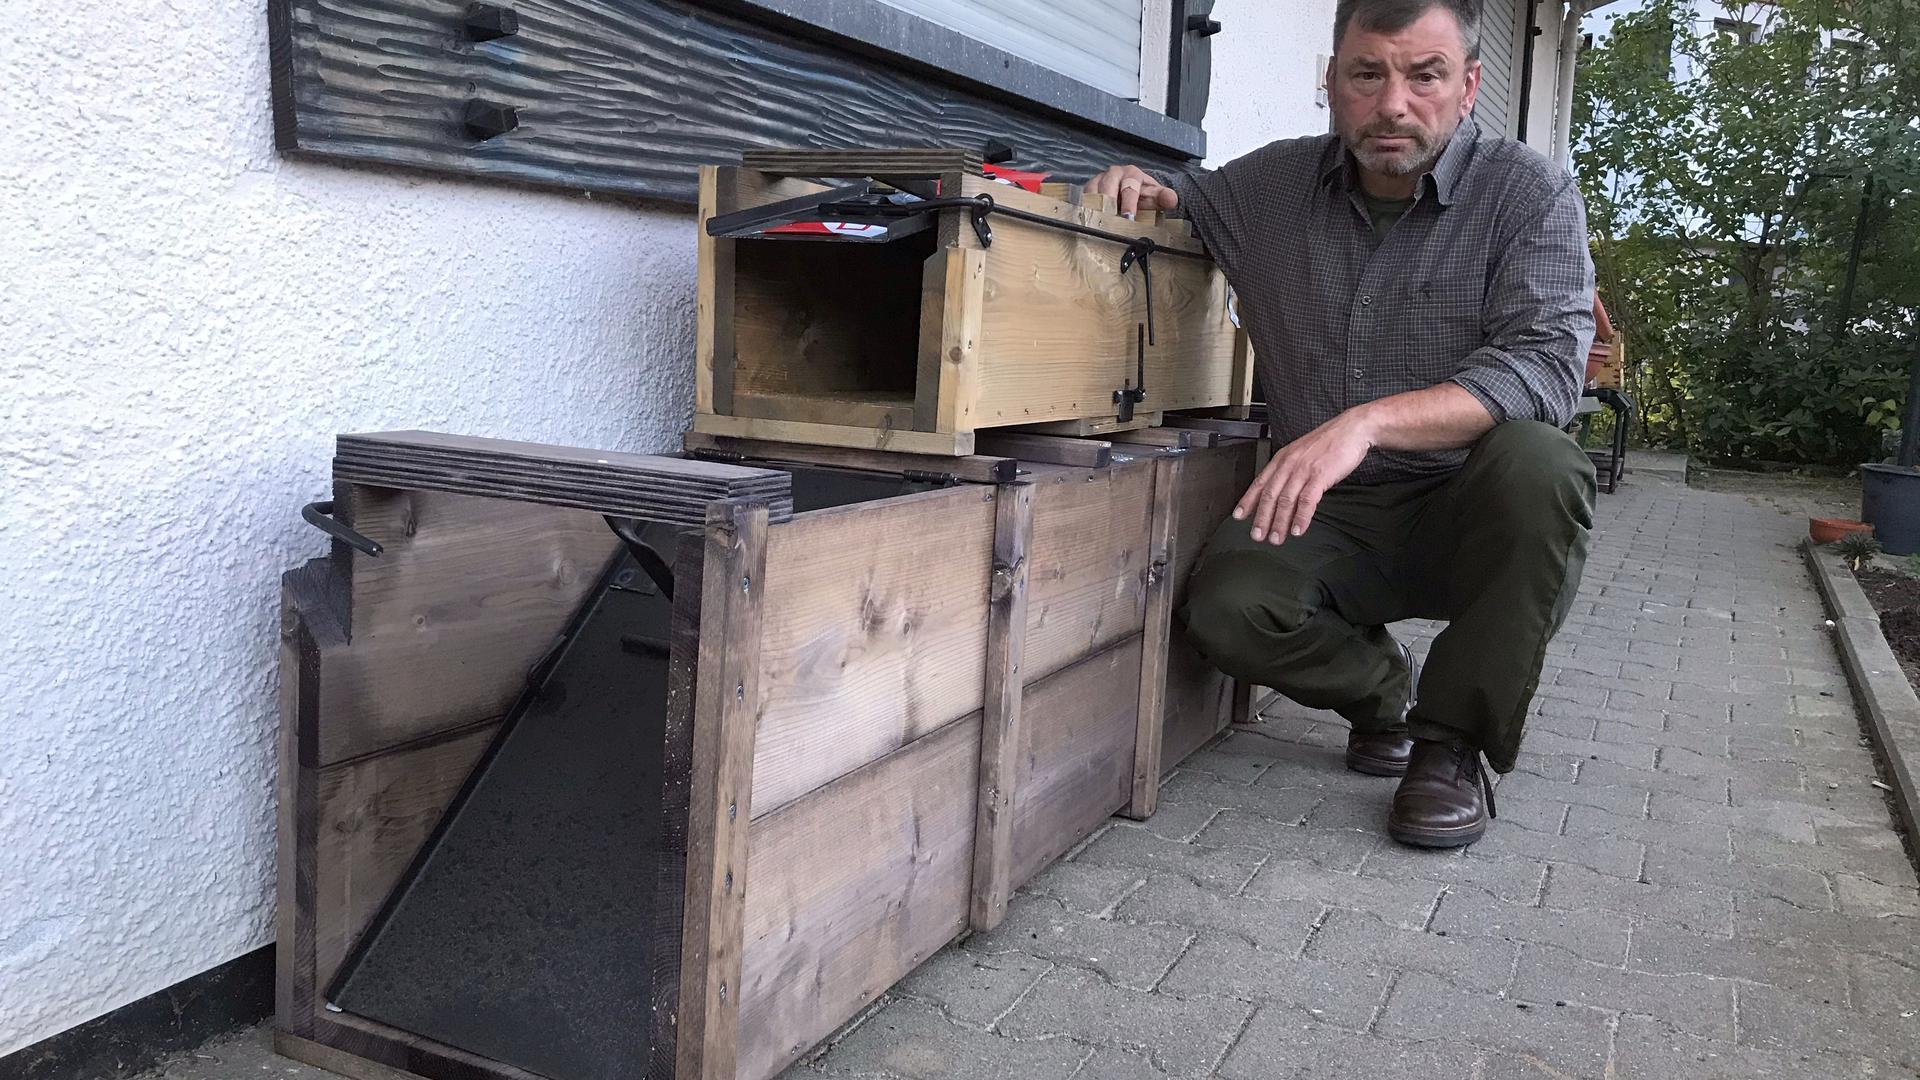 Der erste Stadtjäger im Kreis: Reinhold Gerstner aus Forbach-Langenbrand ist seit kurzem Ansprechpartner, wenn es Probleme mit Wildtieren im Siedlungsbereich gibt. Seine Hauptaufgabe sieht er jedoch in der Beratung und Konfliktlösung.